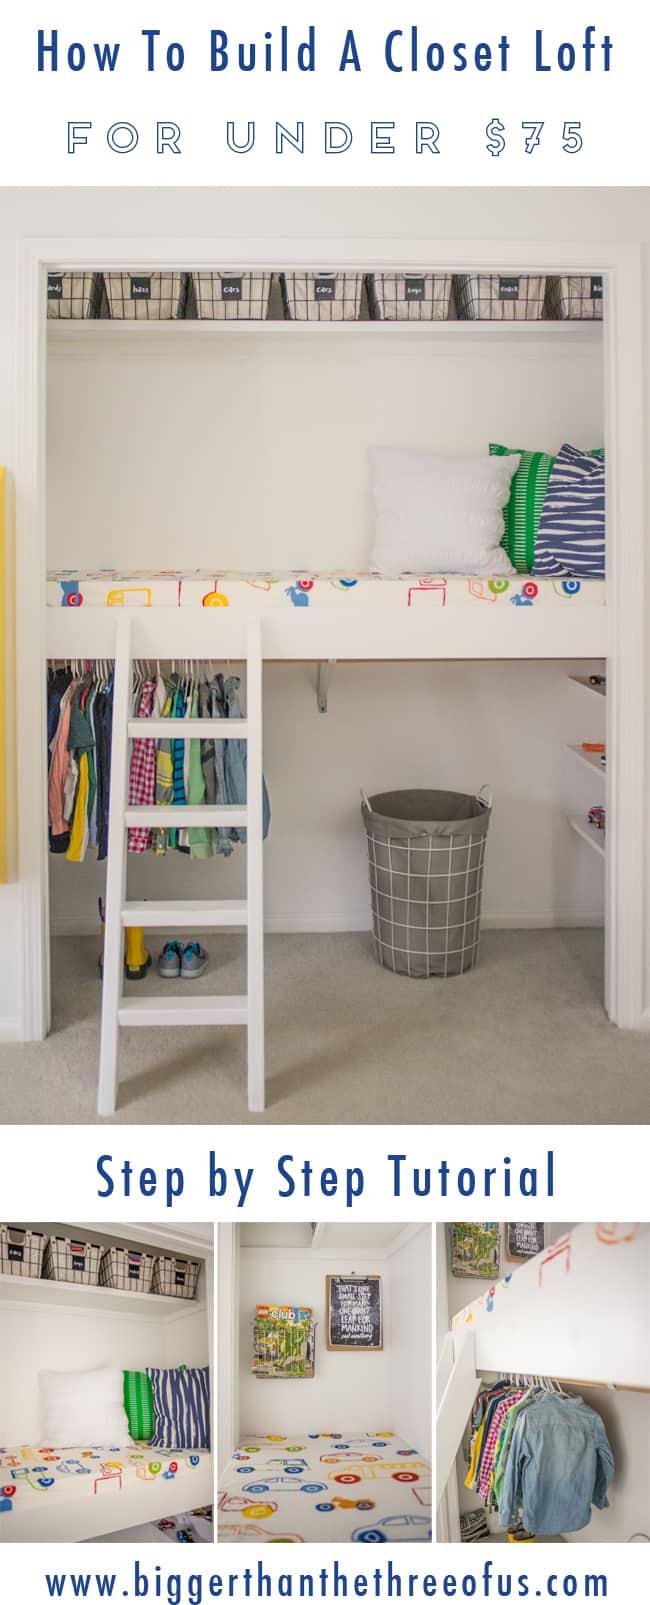 DIY Reading Loft In A Closet Tutorial